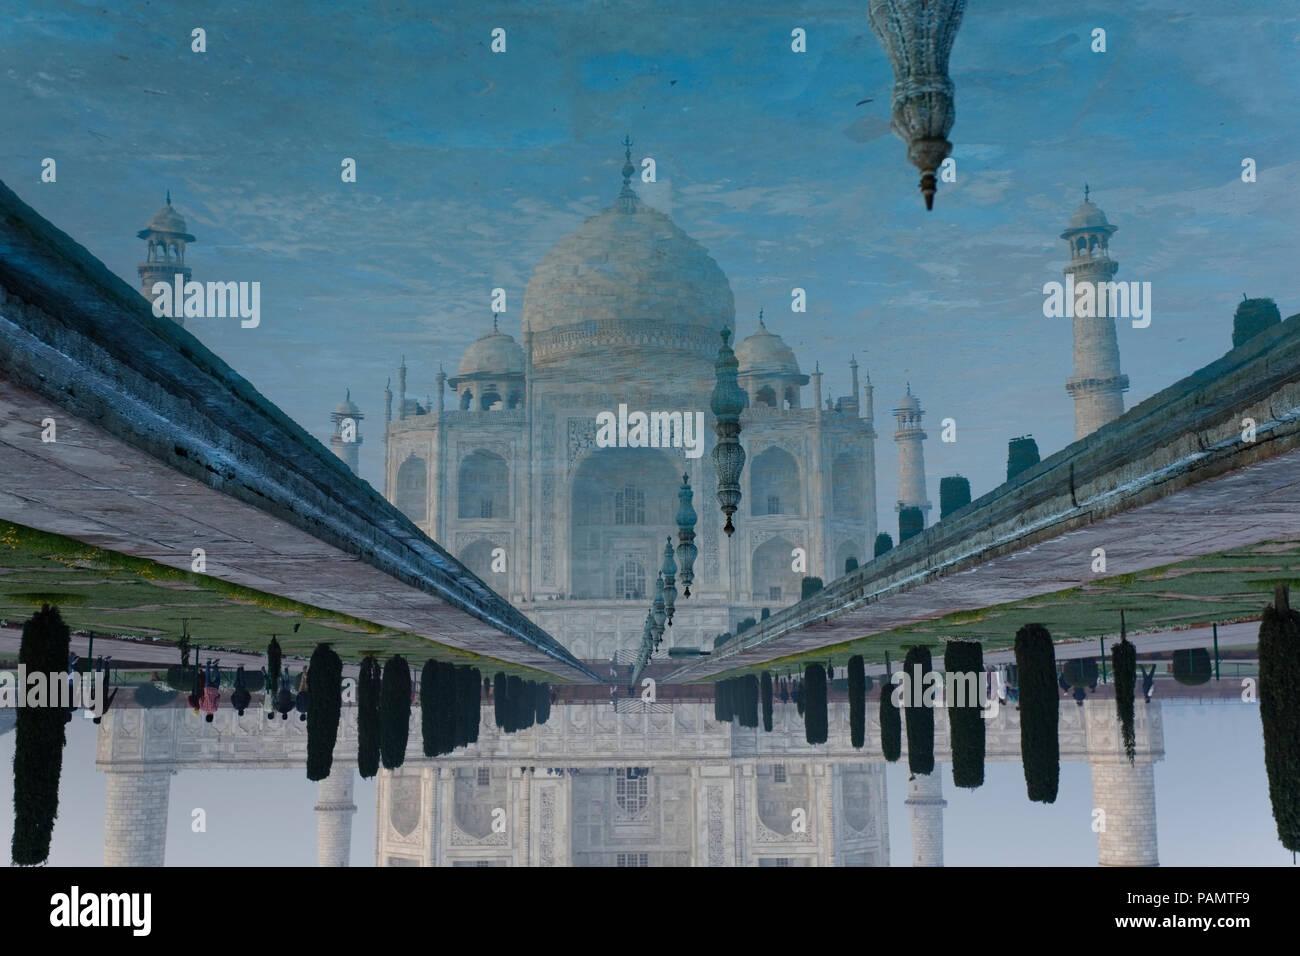 Taj Mahal en Agra, reflejo en el agua de un sitio del Patrimonio Mundial de la UNESCO, un monumento de amor, Agra, Uttar Pradesh, India. Imagen De Stock